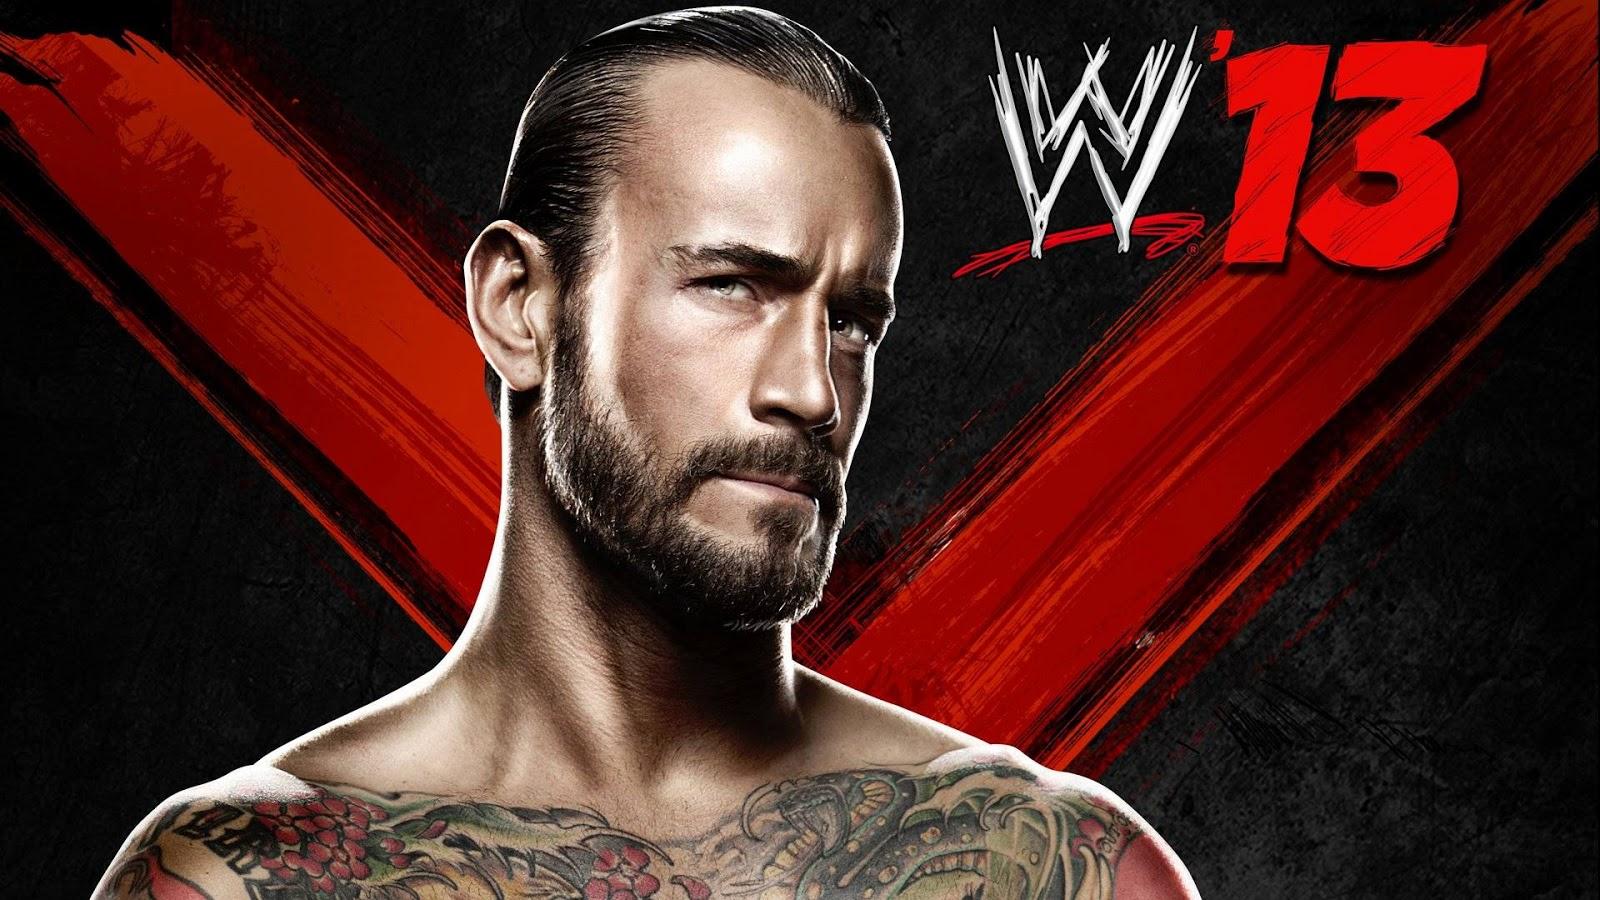 WWE 13 Pc Game Full Version Free Download